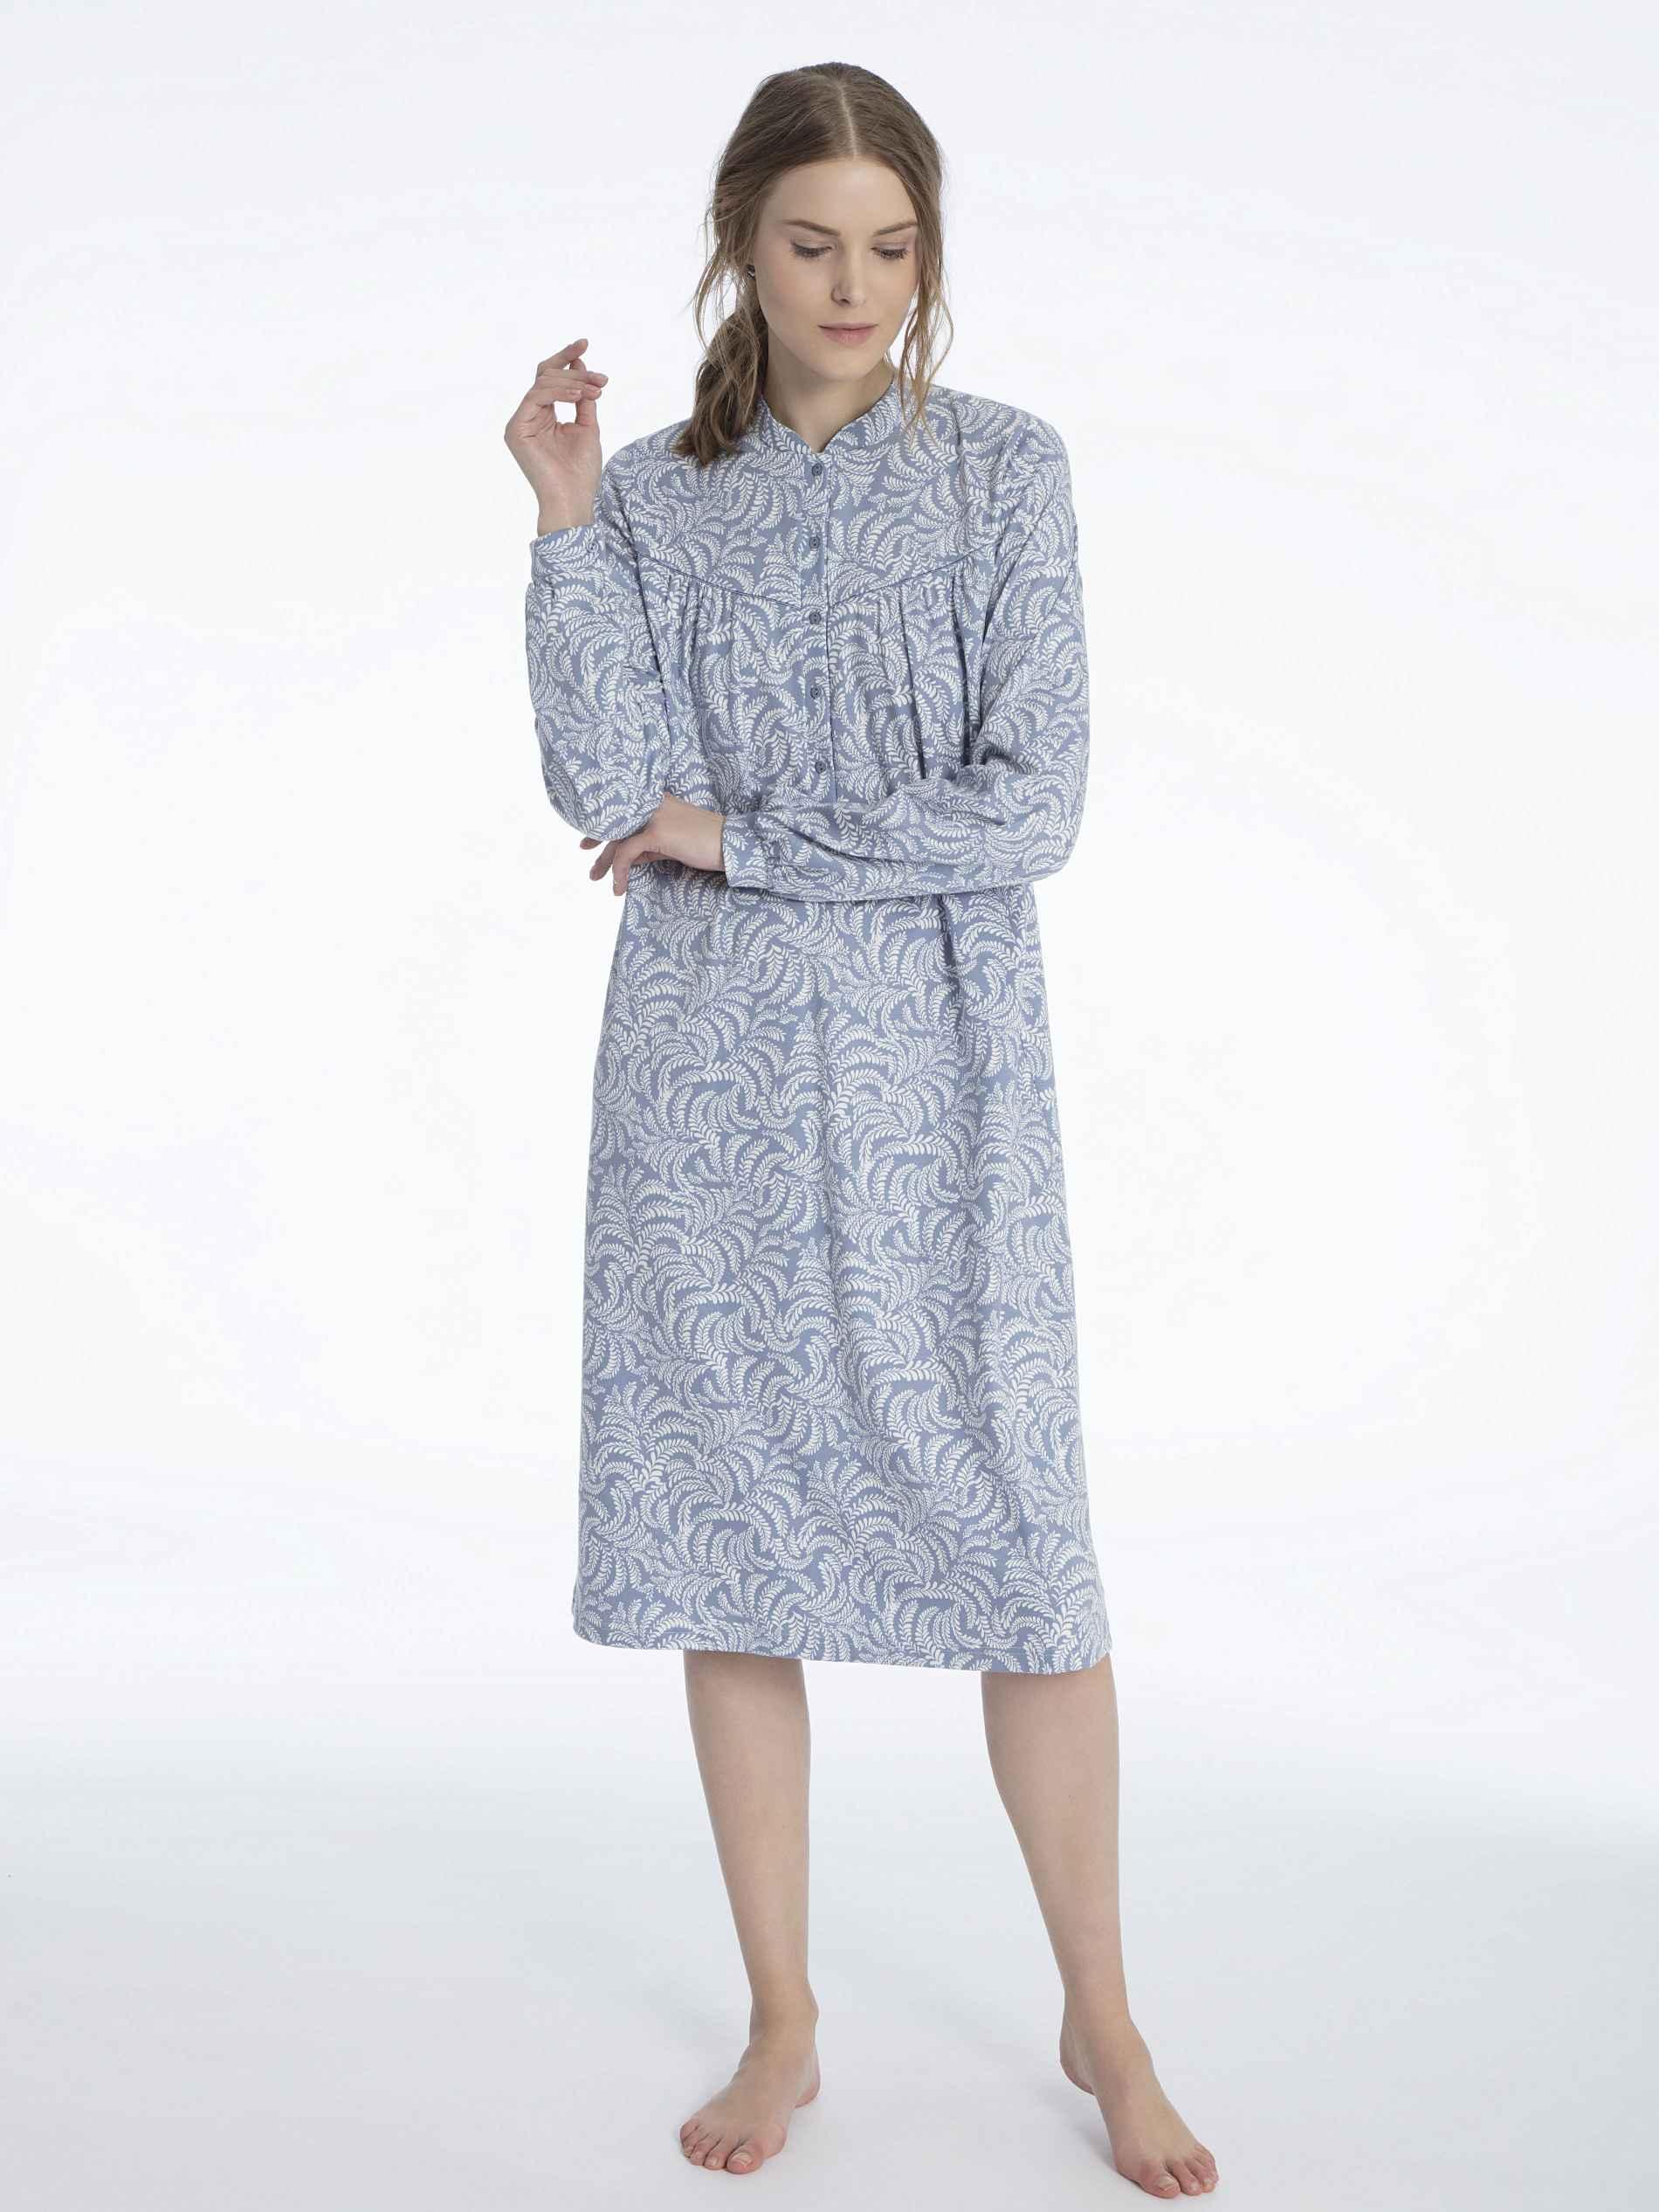 Damen CALIDA Soft Cotton Langarm-Nachtkleid mit Knopfleiste Länge 110cm blau | 07613381038376